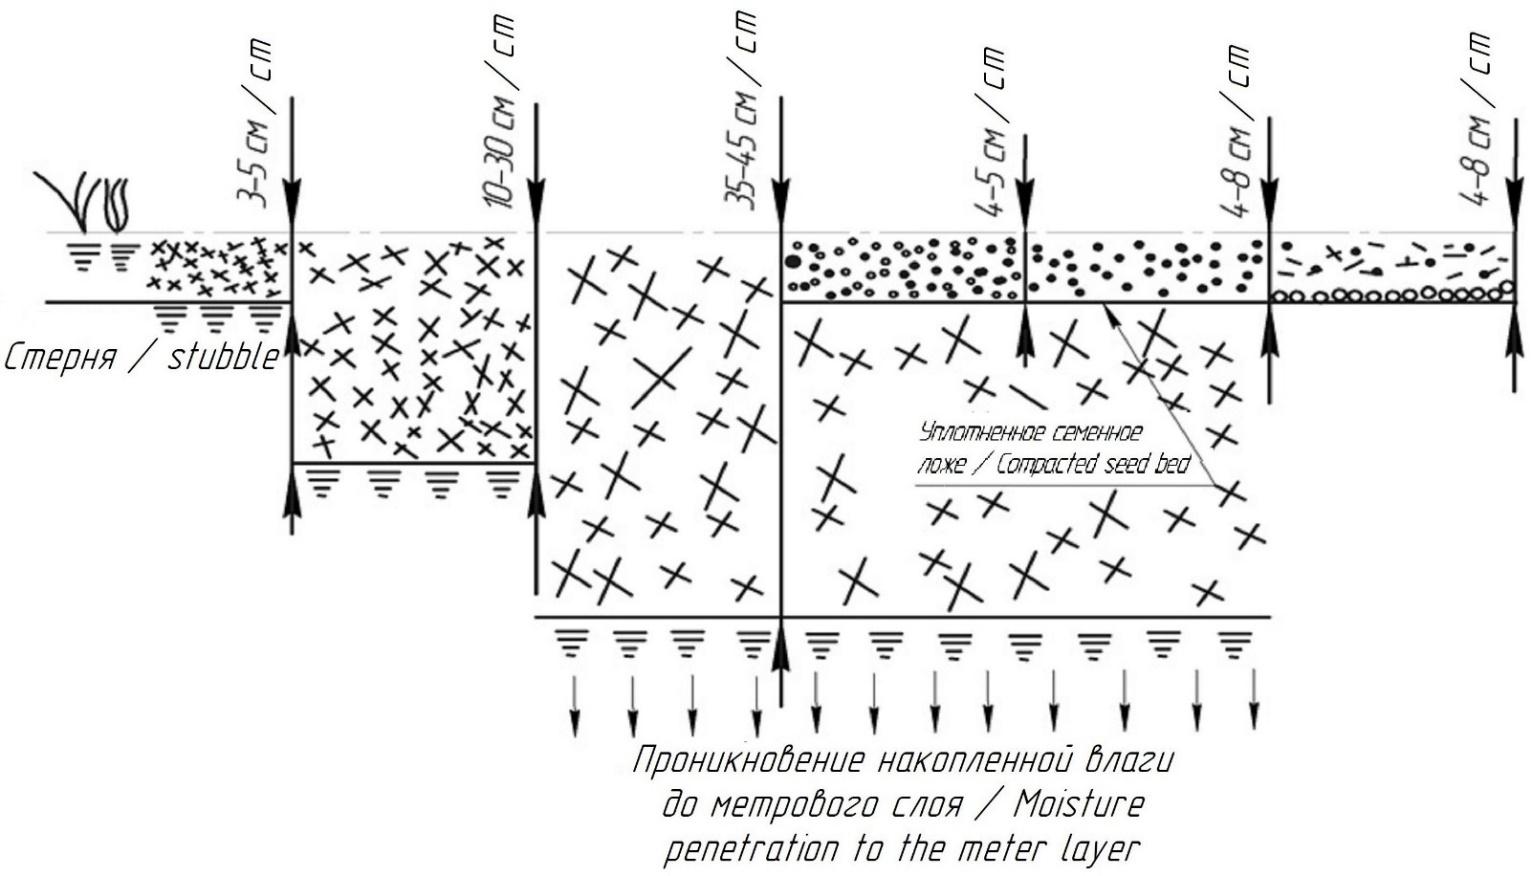 word image 168 Разработка конструктивной схемы и обоснование параметров почвообрабатывающего посевного агрегата с пневматическим высевом семян для тракторов класса тяги 5